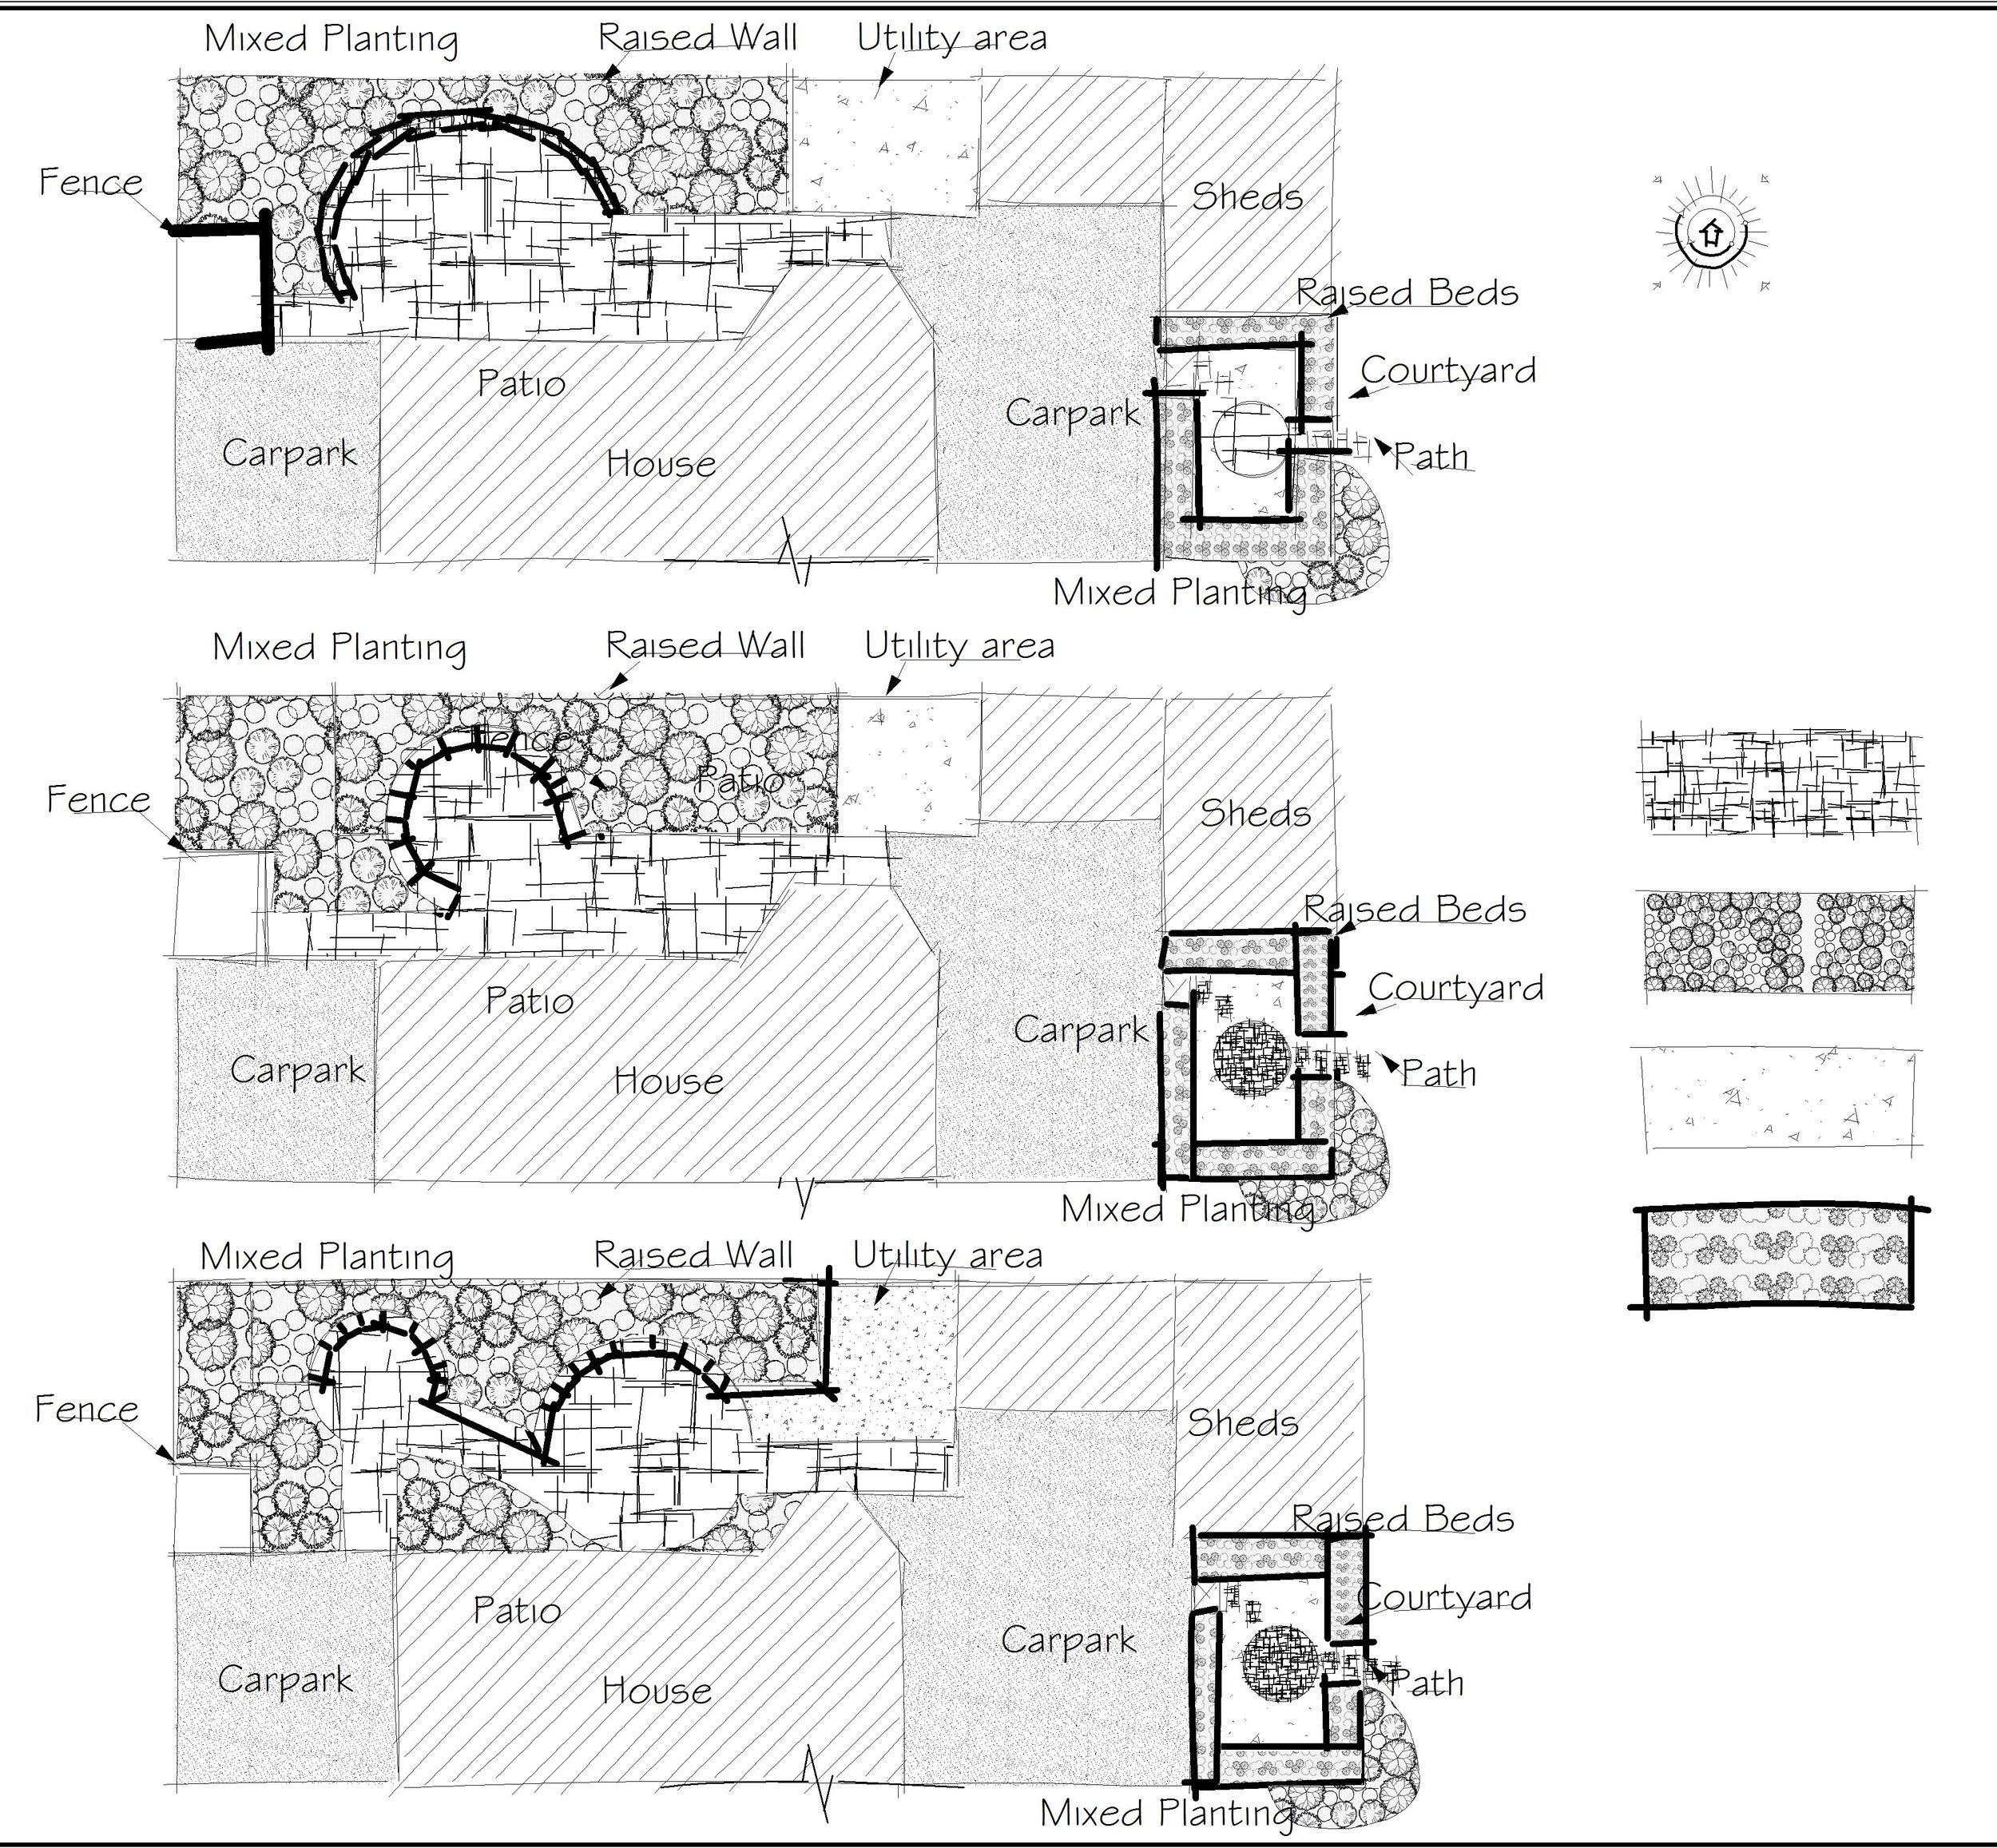 TB_DCP_Prelim sketches.jpg